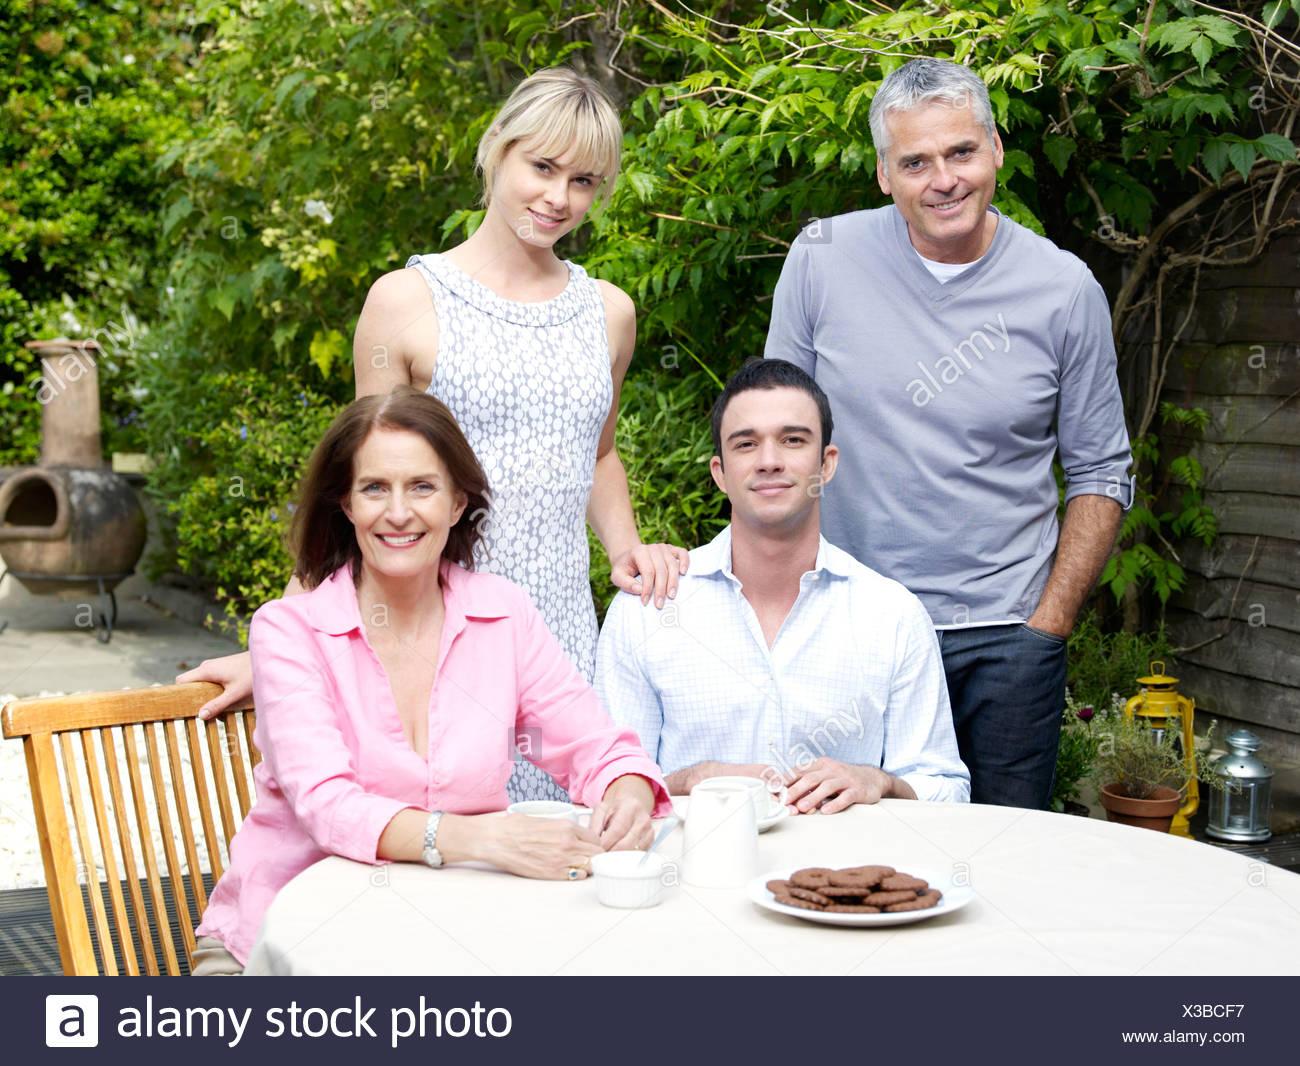 Famiglia pomeriggio nel giardino estivo Immagini Stock